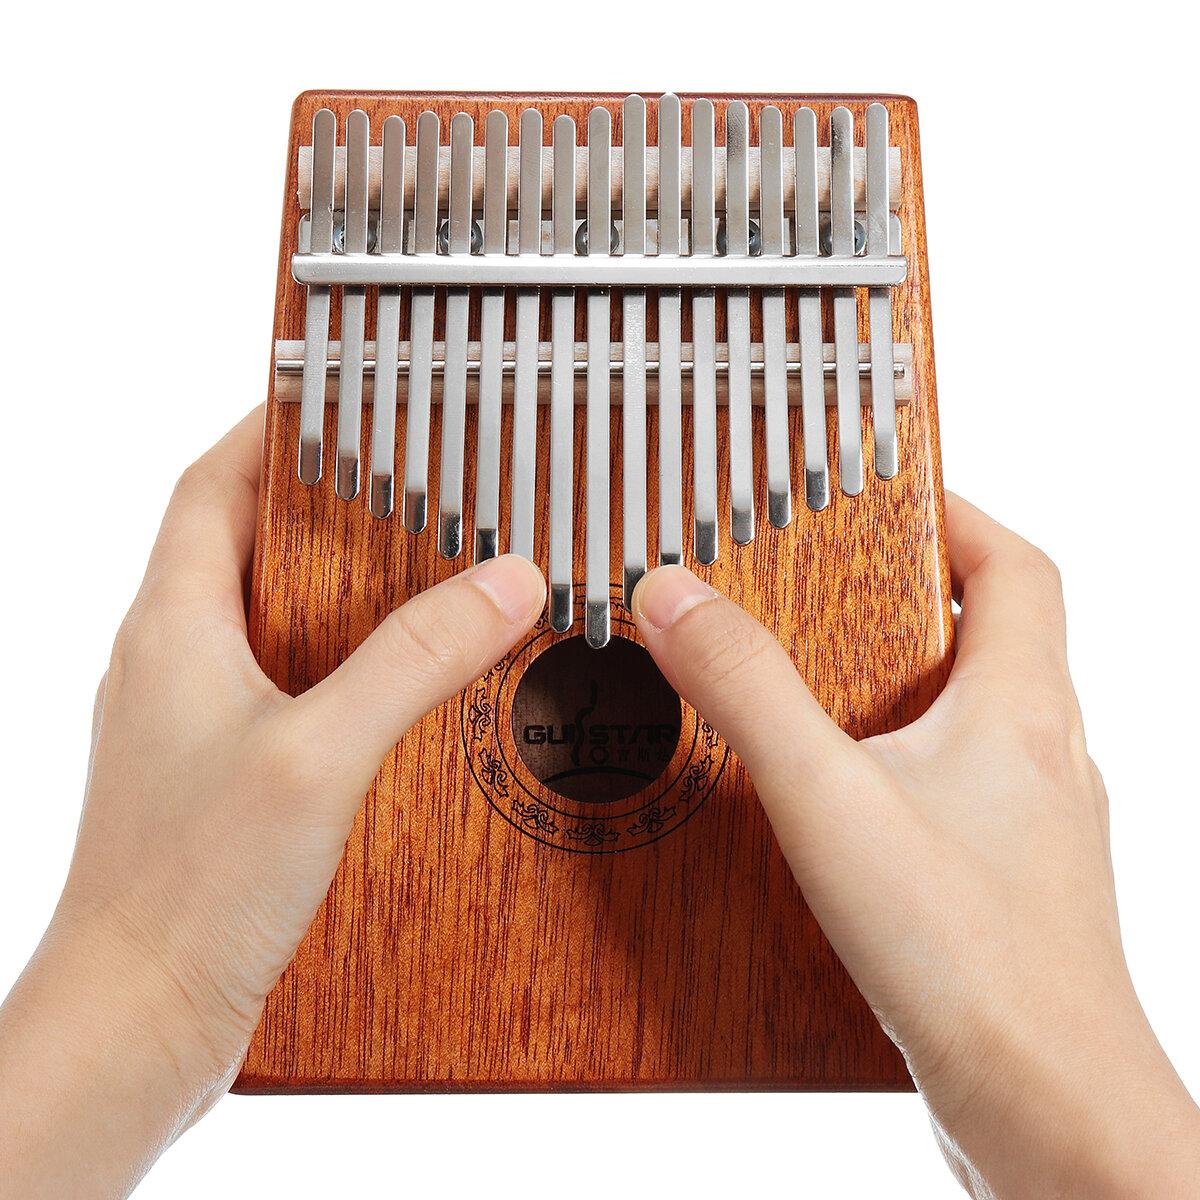 17 Phím Gỗ Kalimba Mahogany Thumb Piano Bộ gõ với Điều chỉnh Hammer